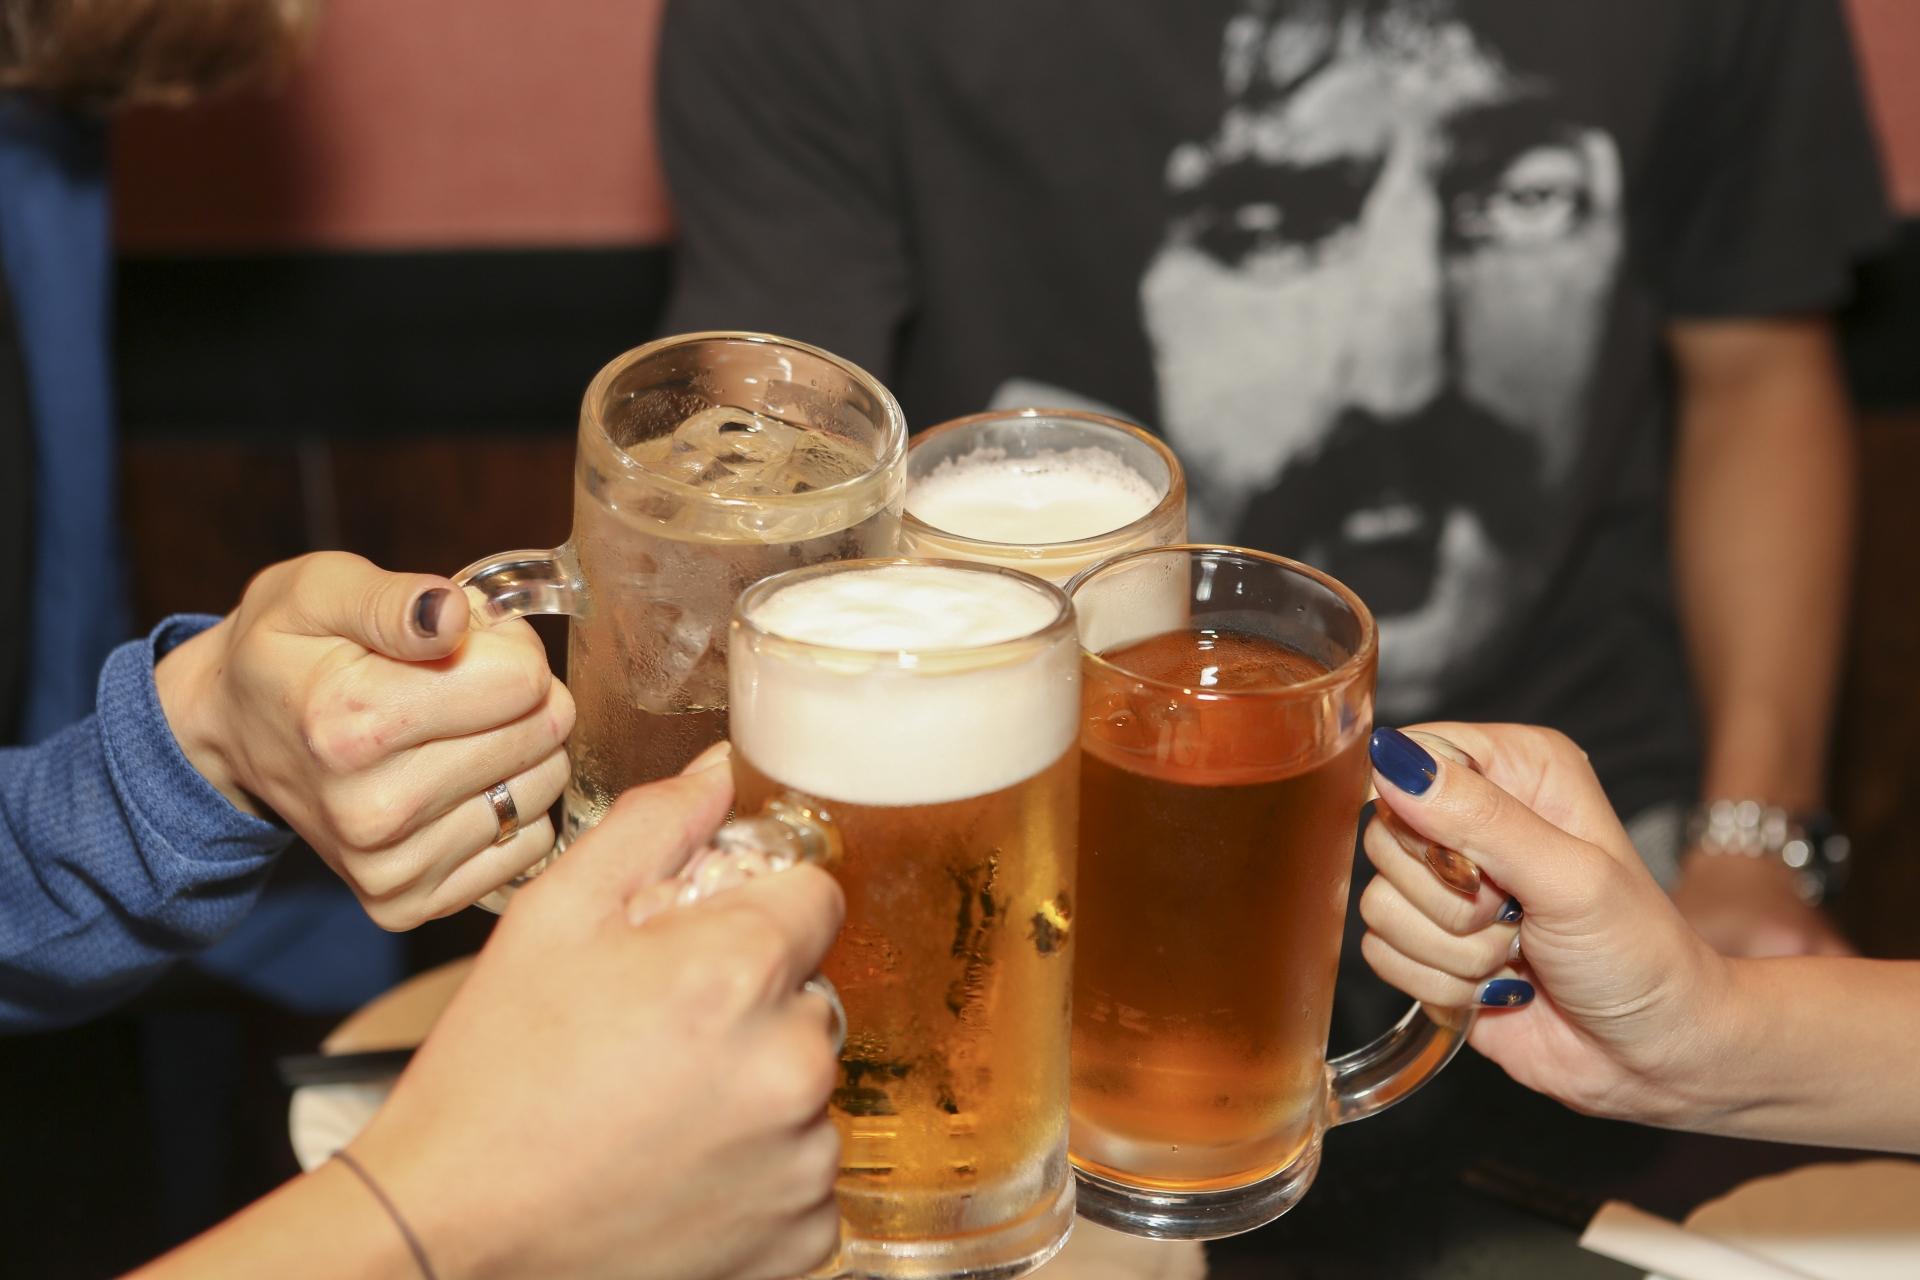 飲み会のキャンセル料、誰が払うのか問題について